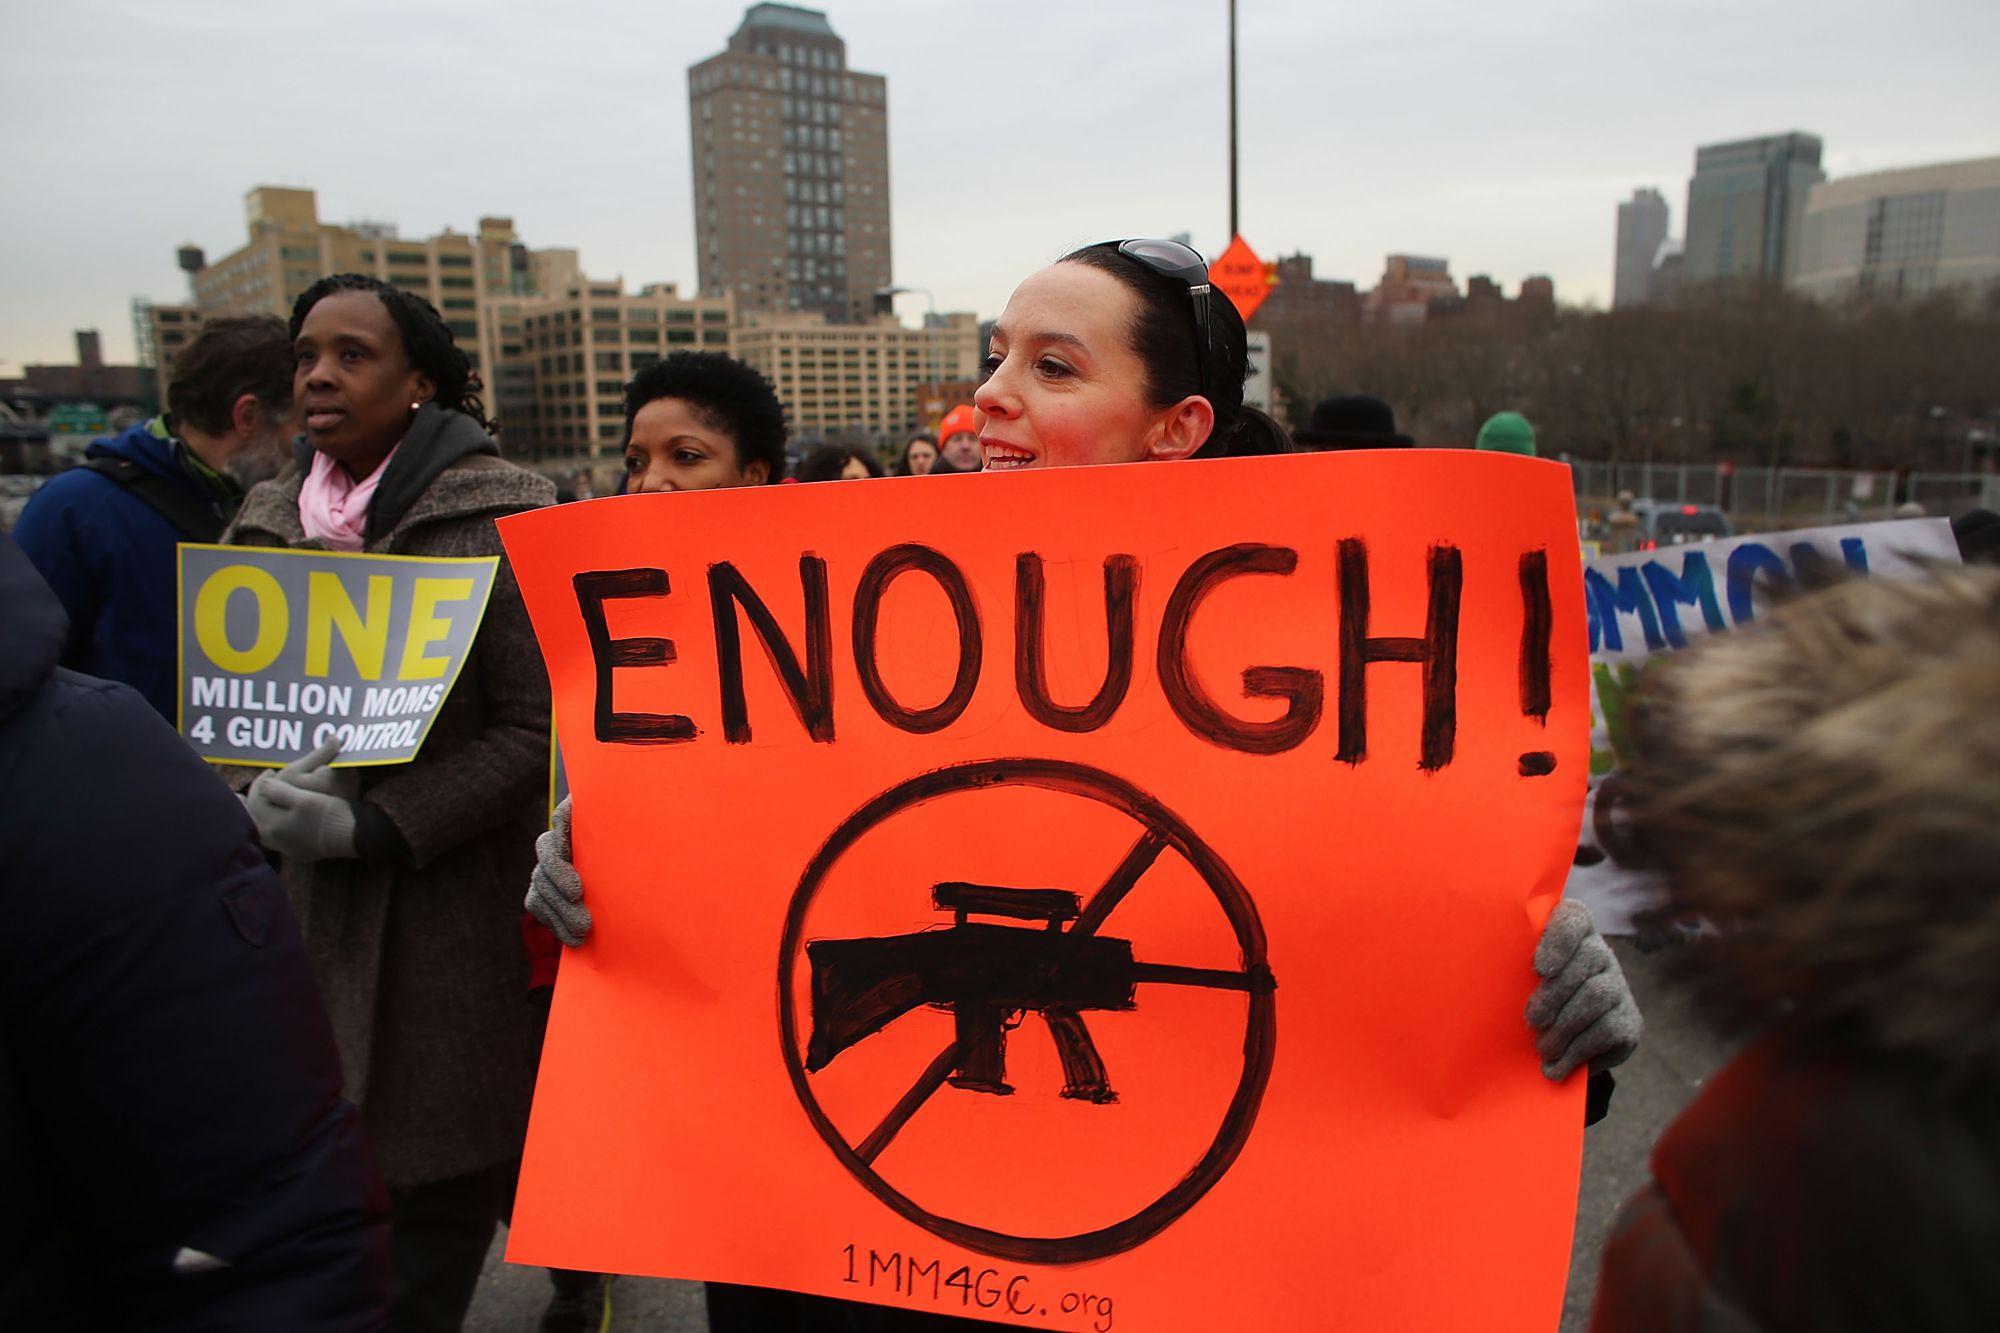 ABD'de bireysel silahlanma karşıtı kampanyalar artıyor